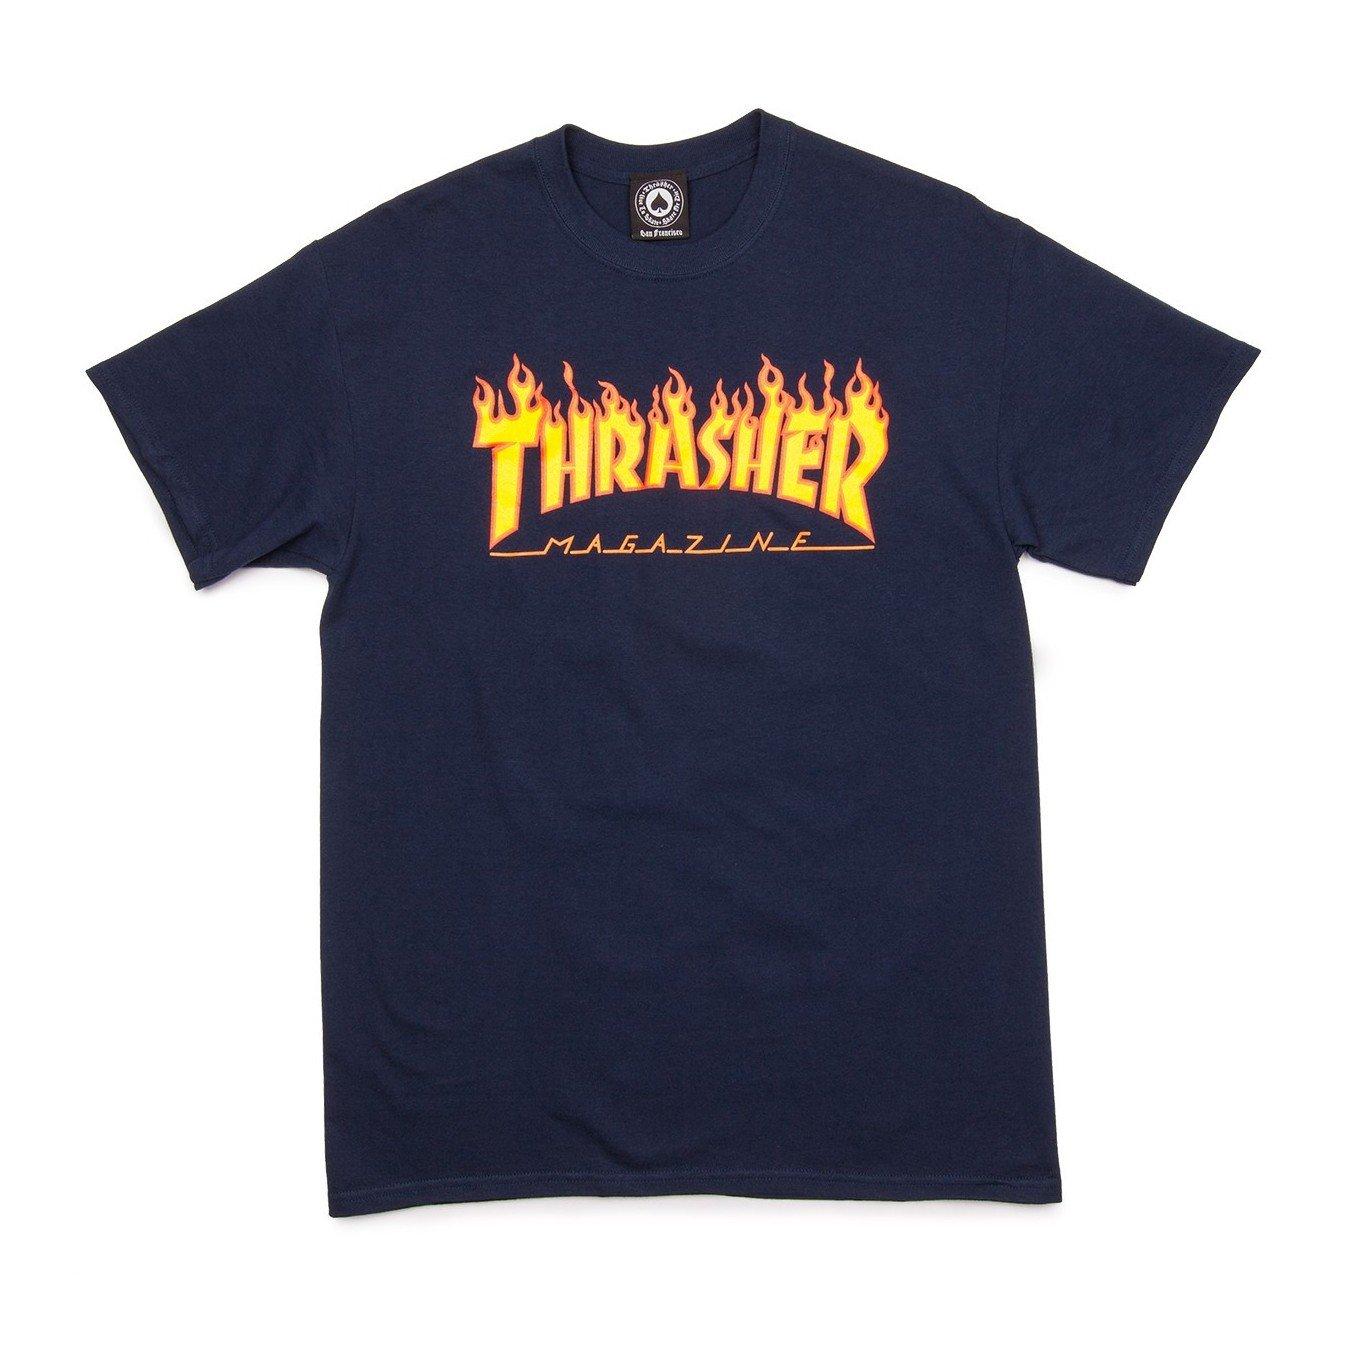 Thrasher Flame T-Shirt (Medium, Navy) by Thrasher (Image #1)